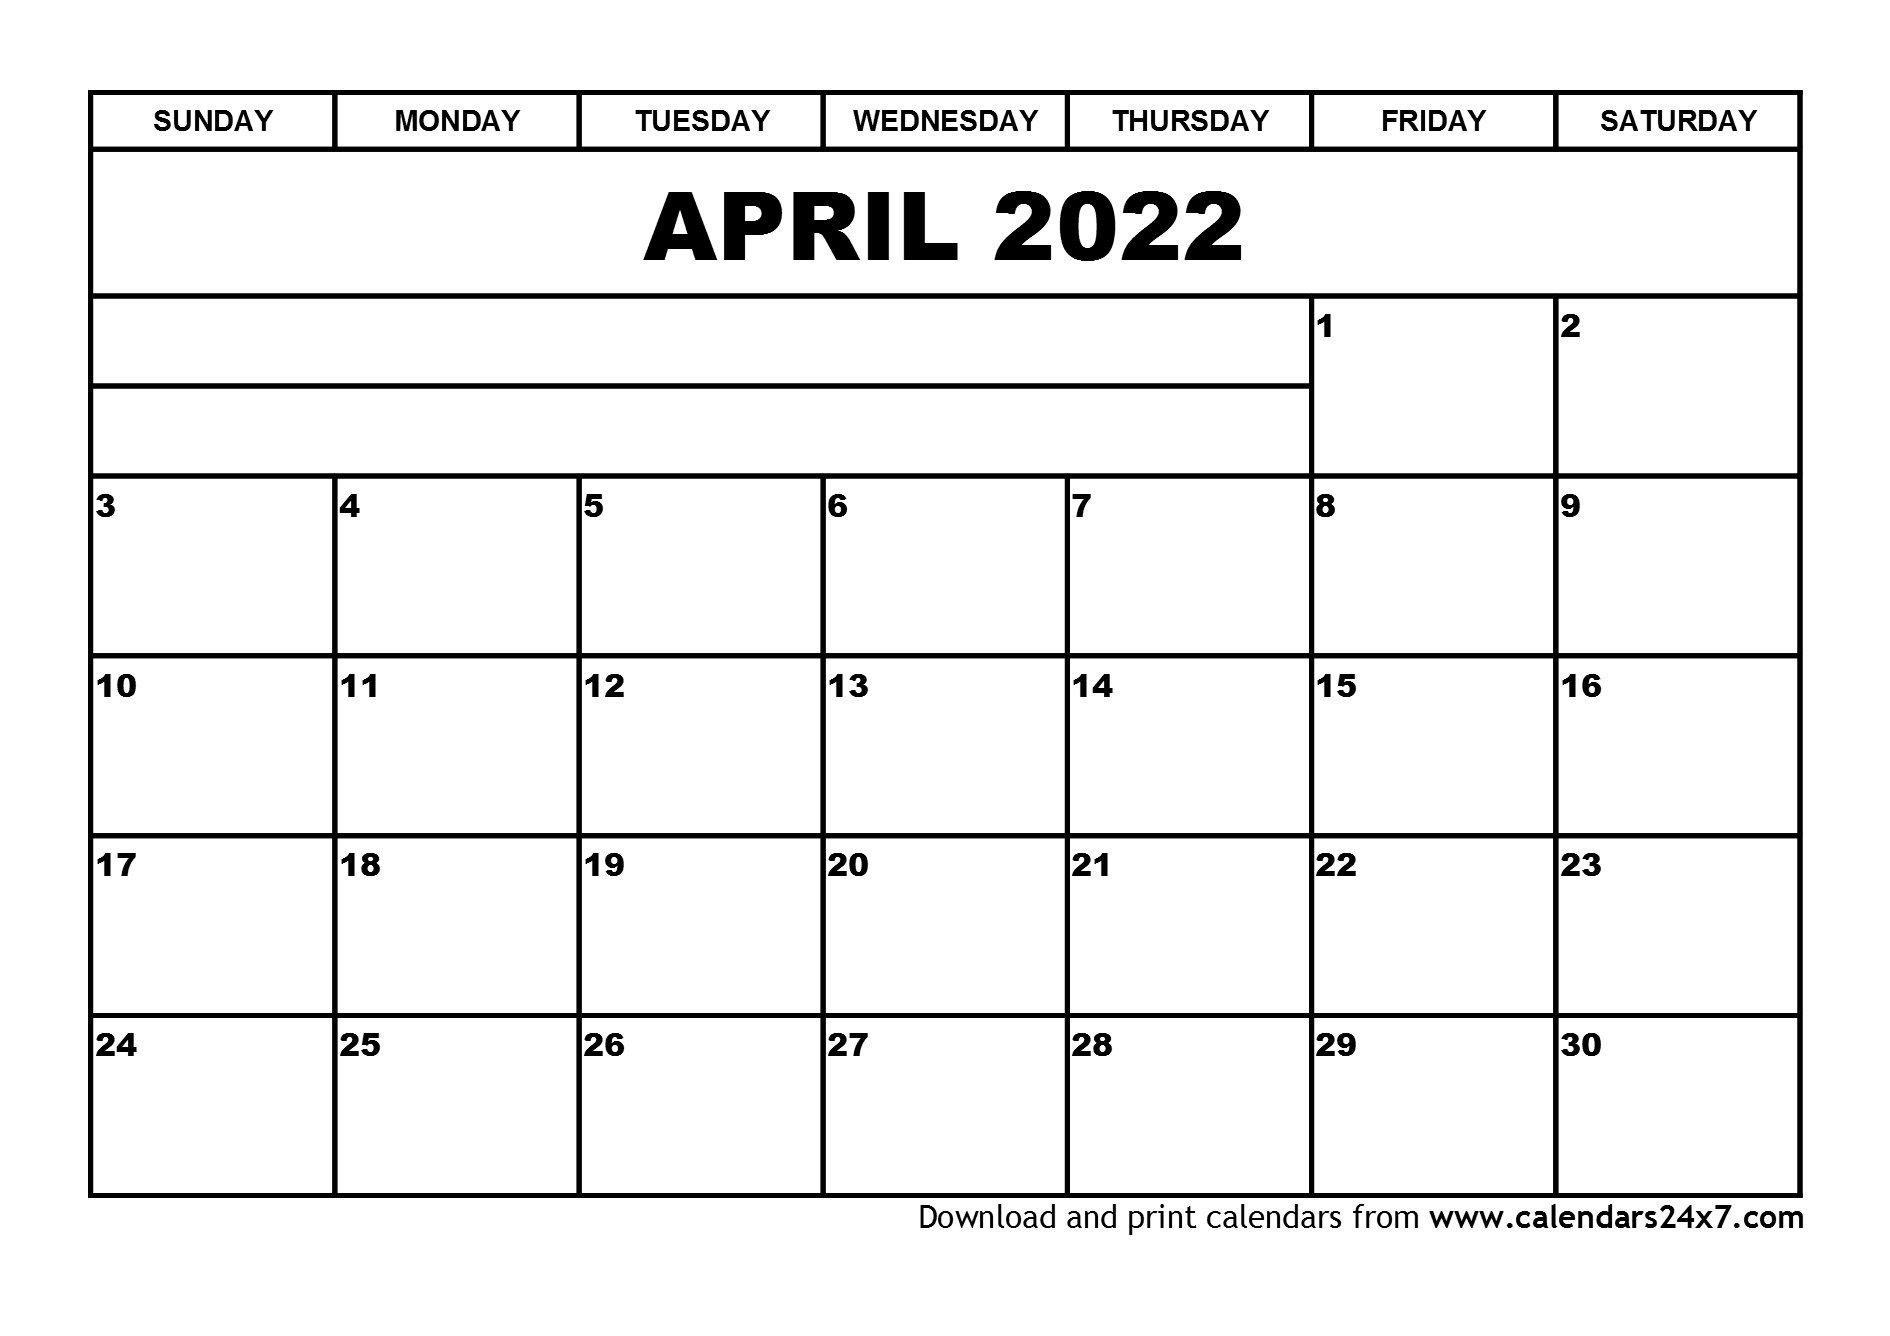 April 2022 Calendar & May 2022 Calendar in April 2022 Printable Calendar Free